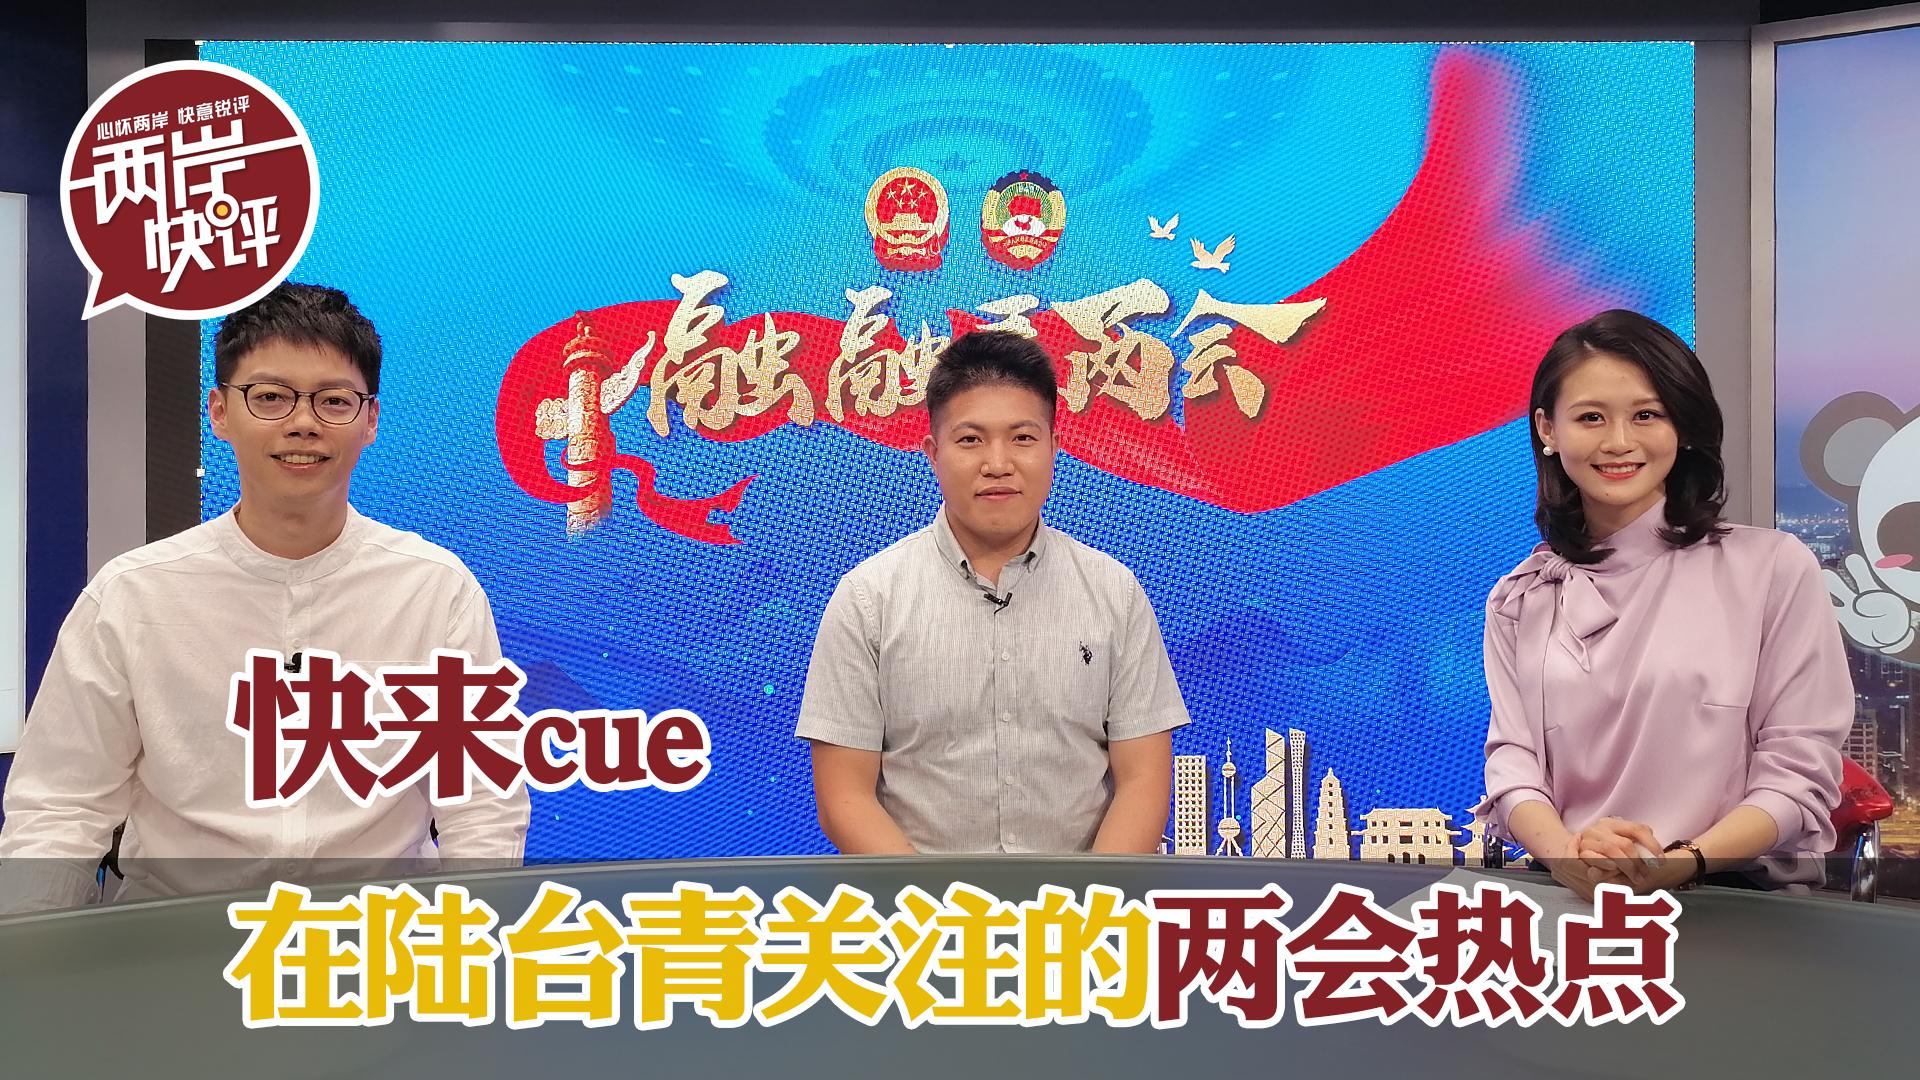 """【融融看两会】""""文成公主""""V.S""""IT男"""" 在陆台青最关注的两会热点快来cue图片"""